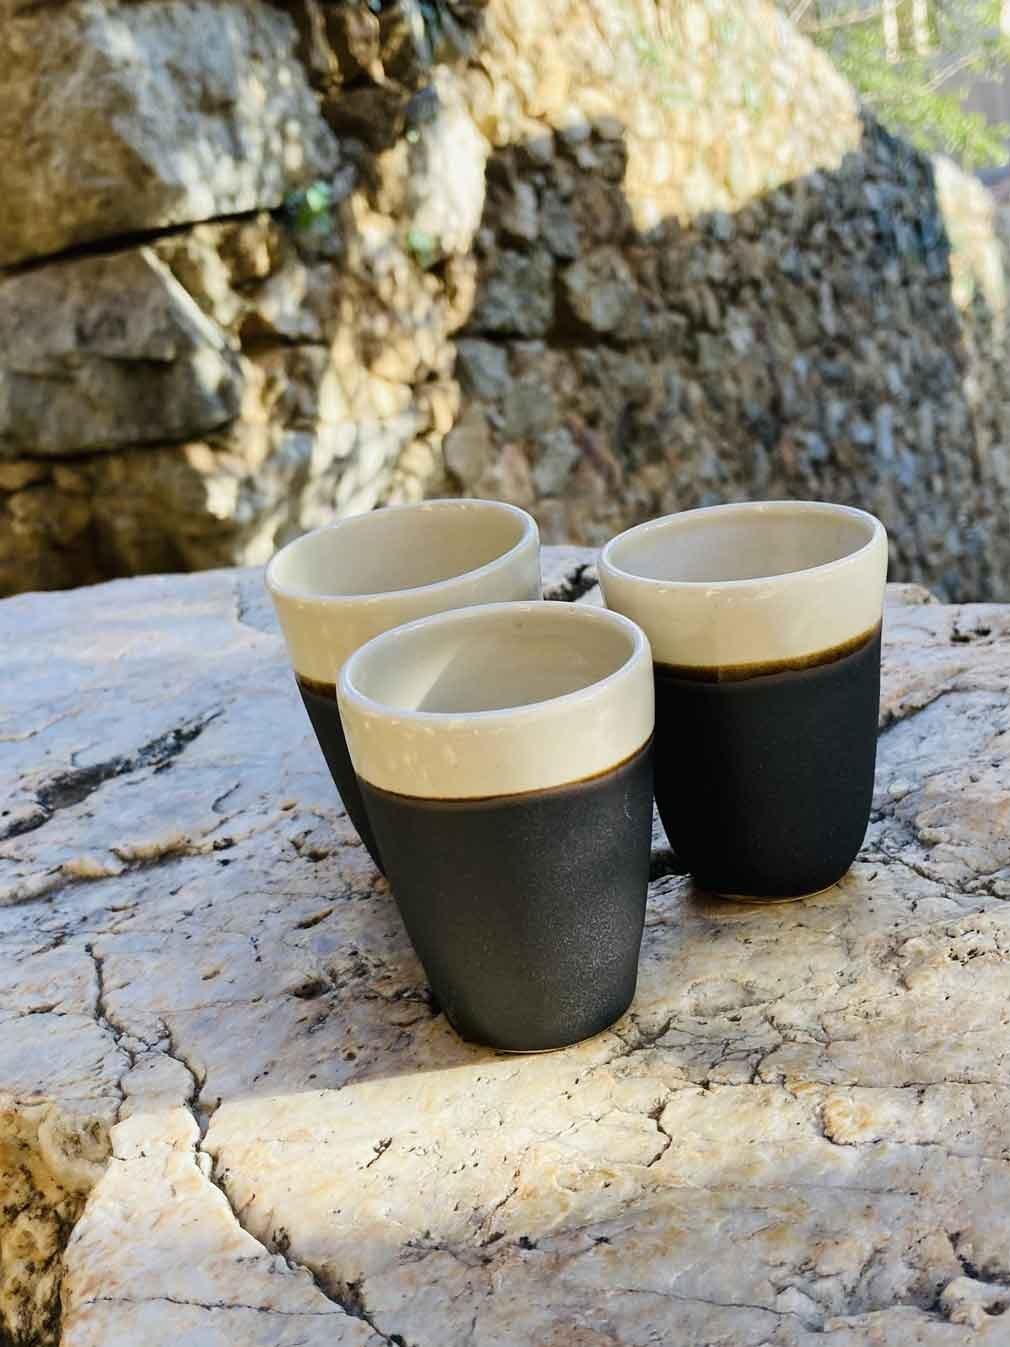 39-Tasse-café-noire-blanc-cone